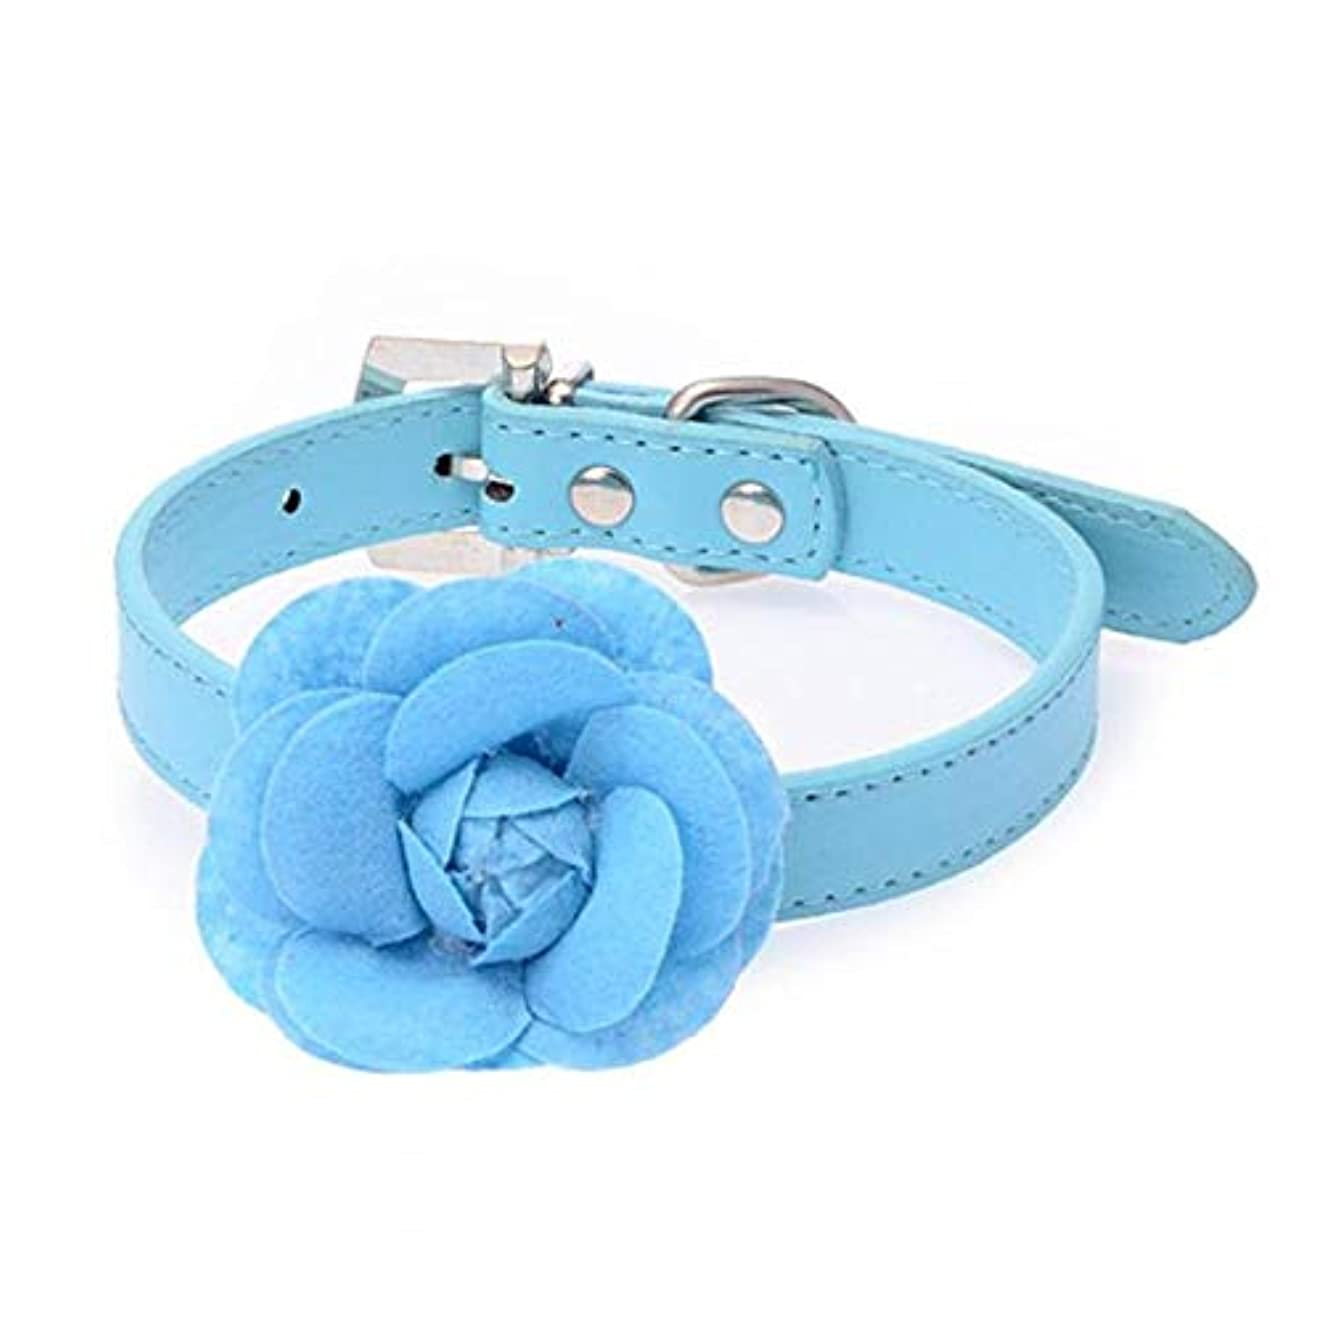 そよ風うなずくゲストXUTXCKA ペット犬PUレザーローズフラワー小さなペット犬の首輪ネックレス結婚式